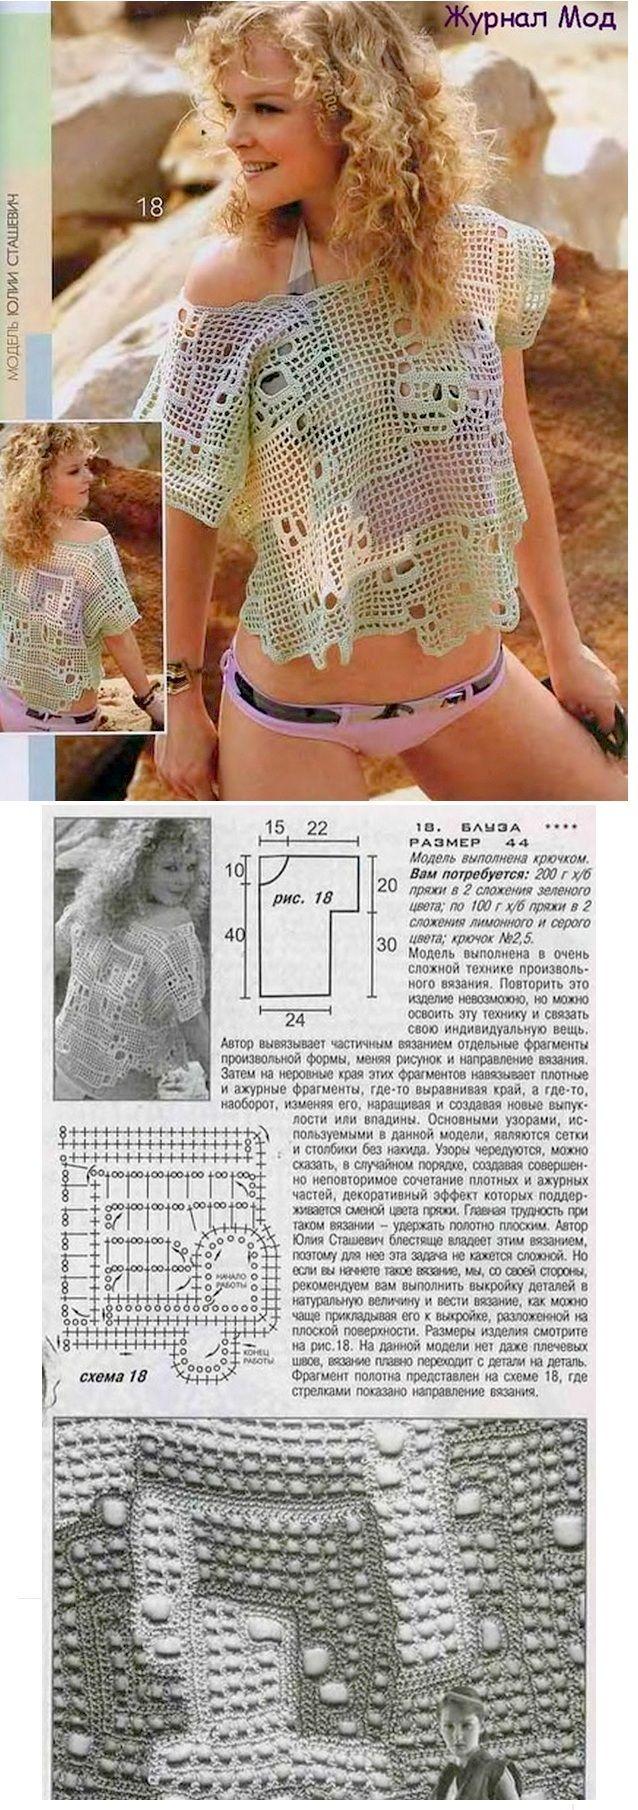 blusas e pulôveres gancho | blusas categoria Blog e pulôveres gancho | Blog Irimed: LiveInternet - Serviço russo diários on-line